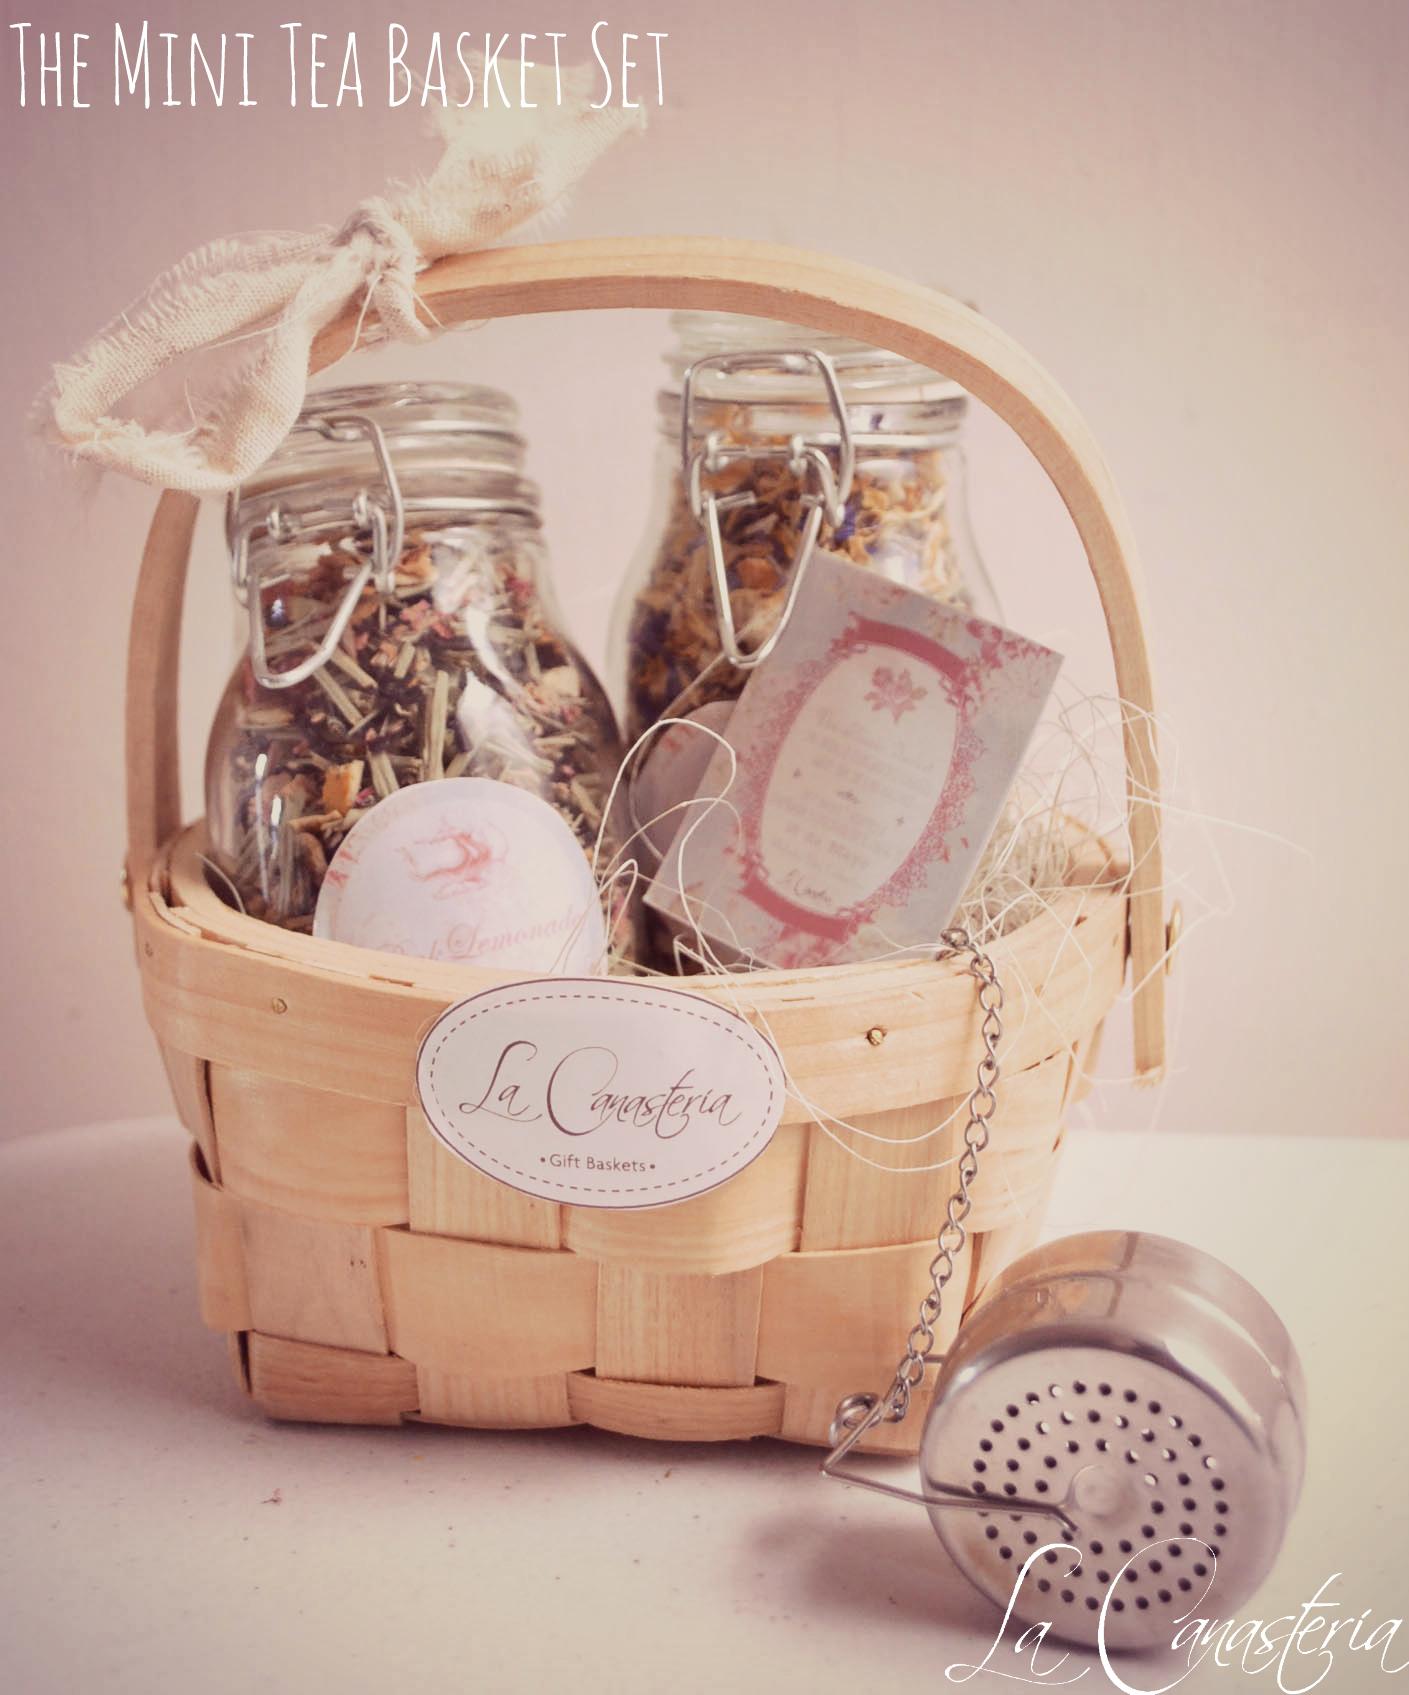 Canastas de regalo con productos de spa blog la canasteria - Articulos para spa ...